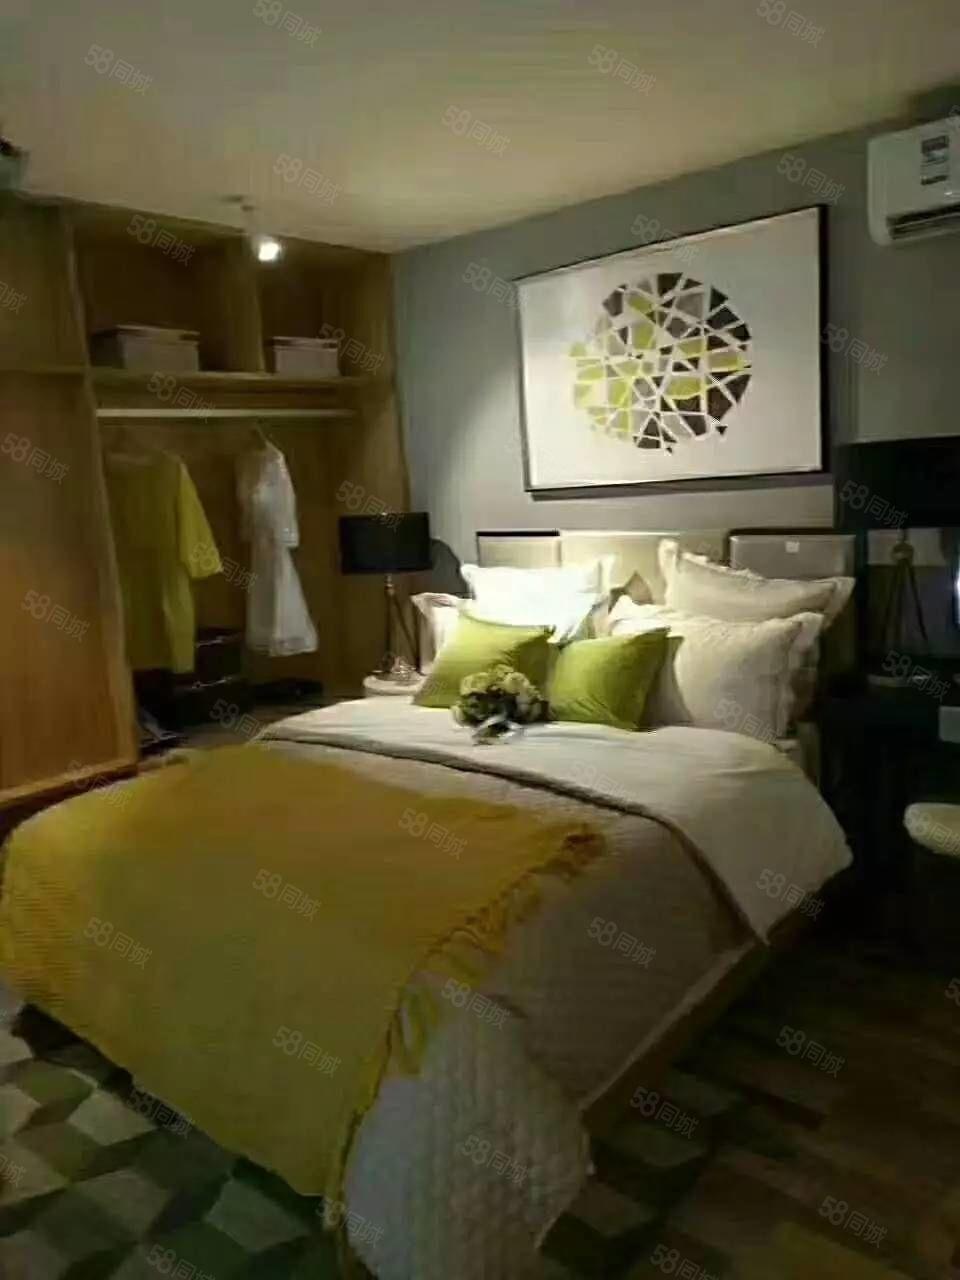 航海路福塔旁精装公寓首付4万不限购不限贷五证齐全